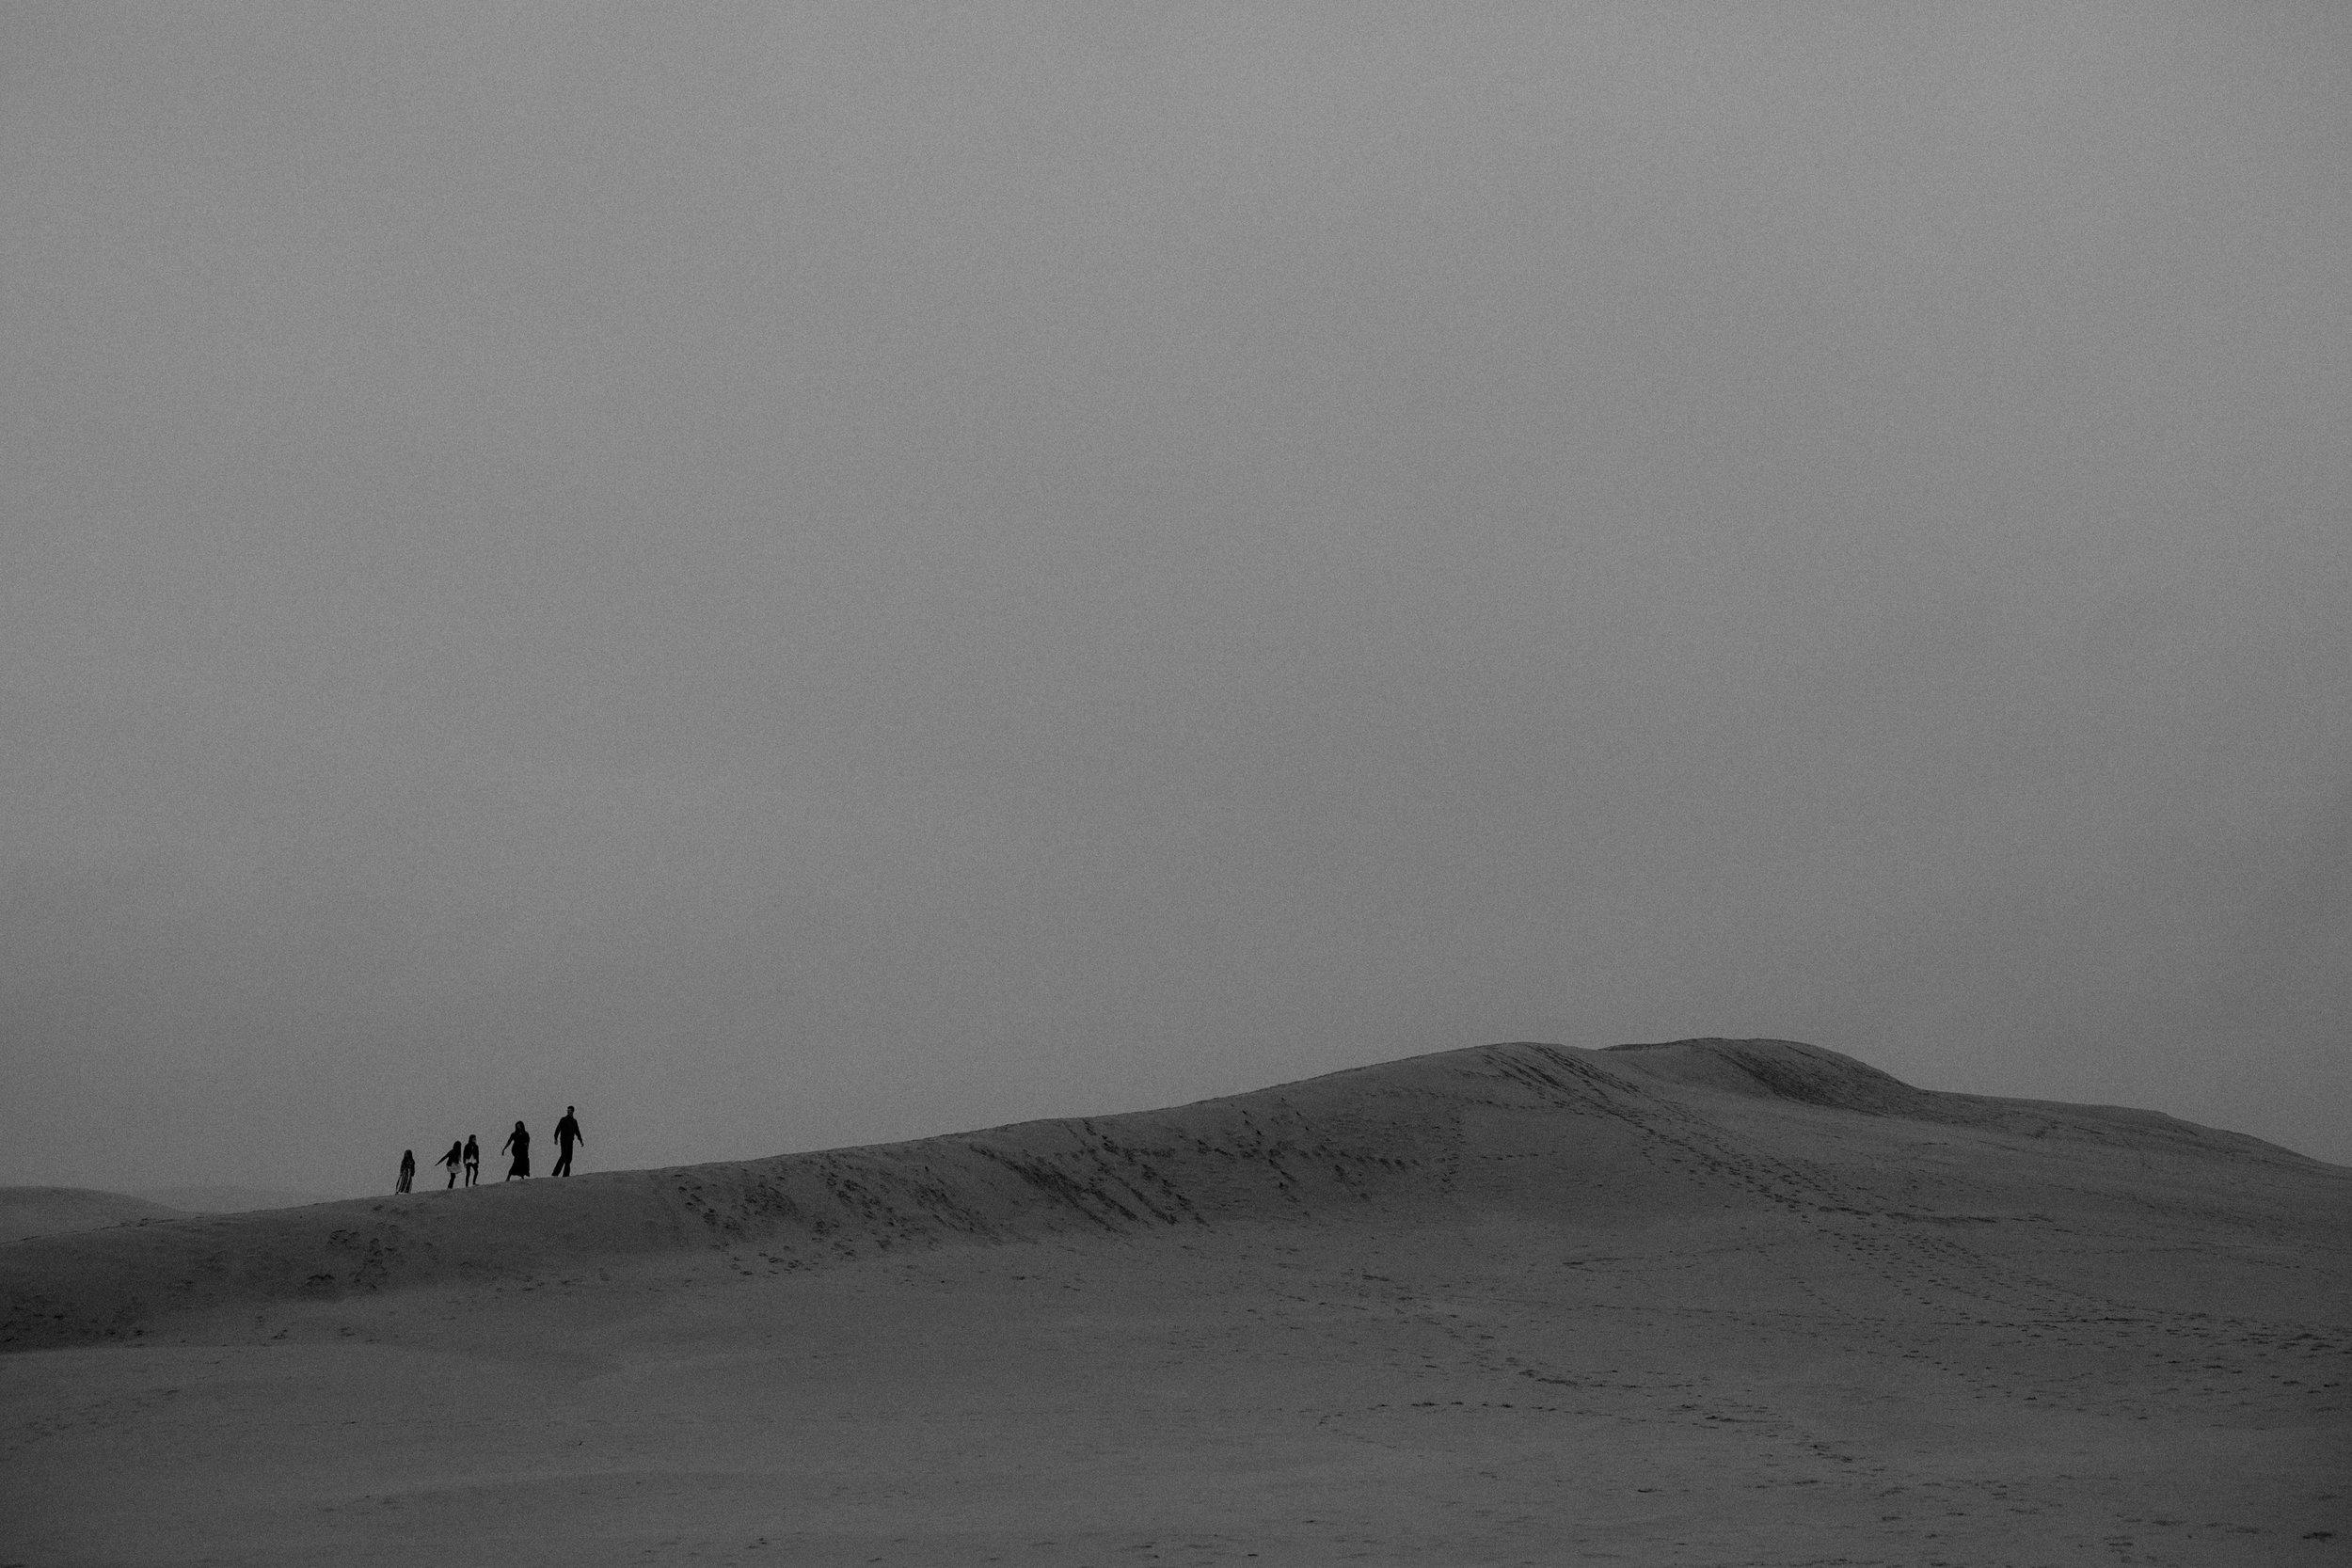 Scott-Moody-Dunes-30.jpg